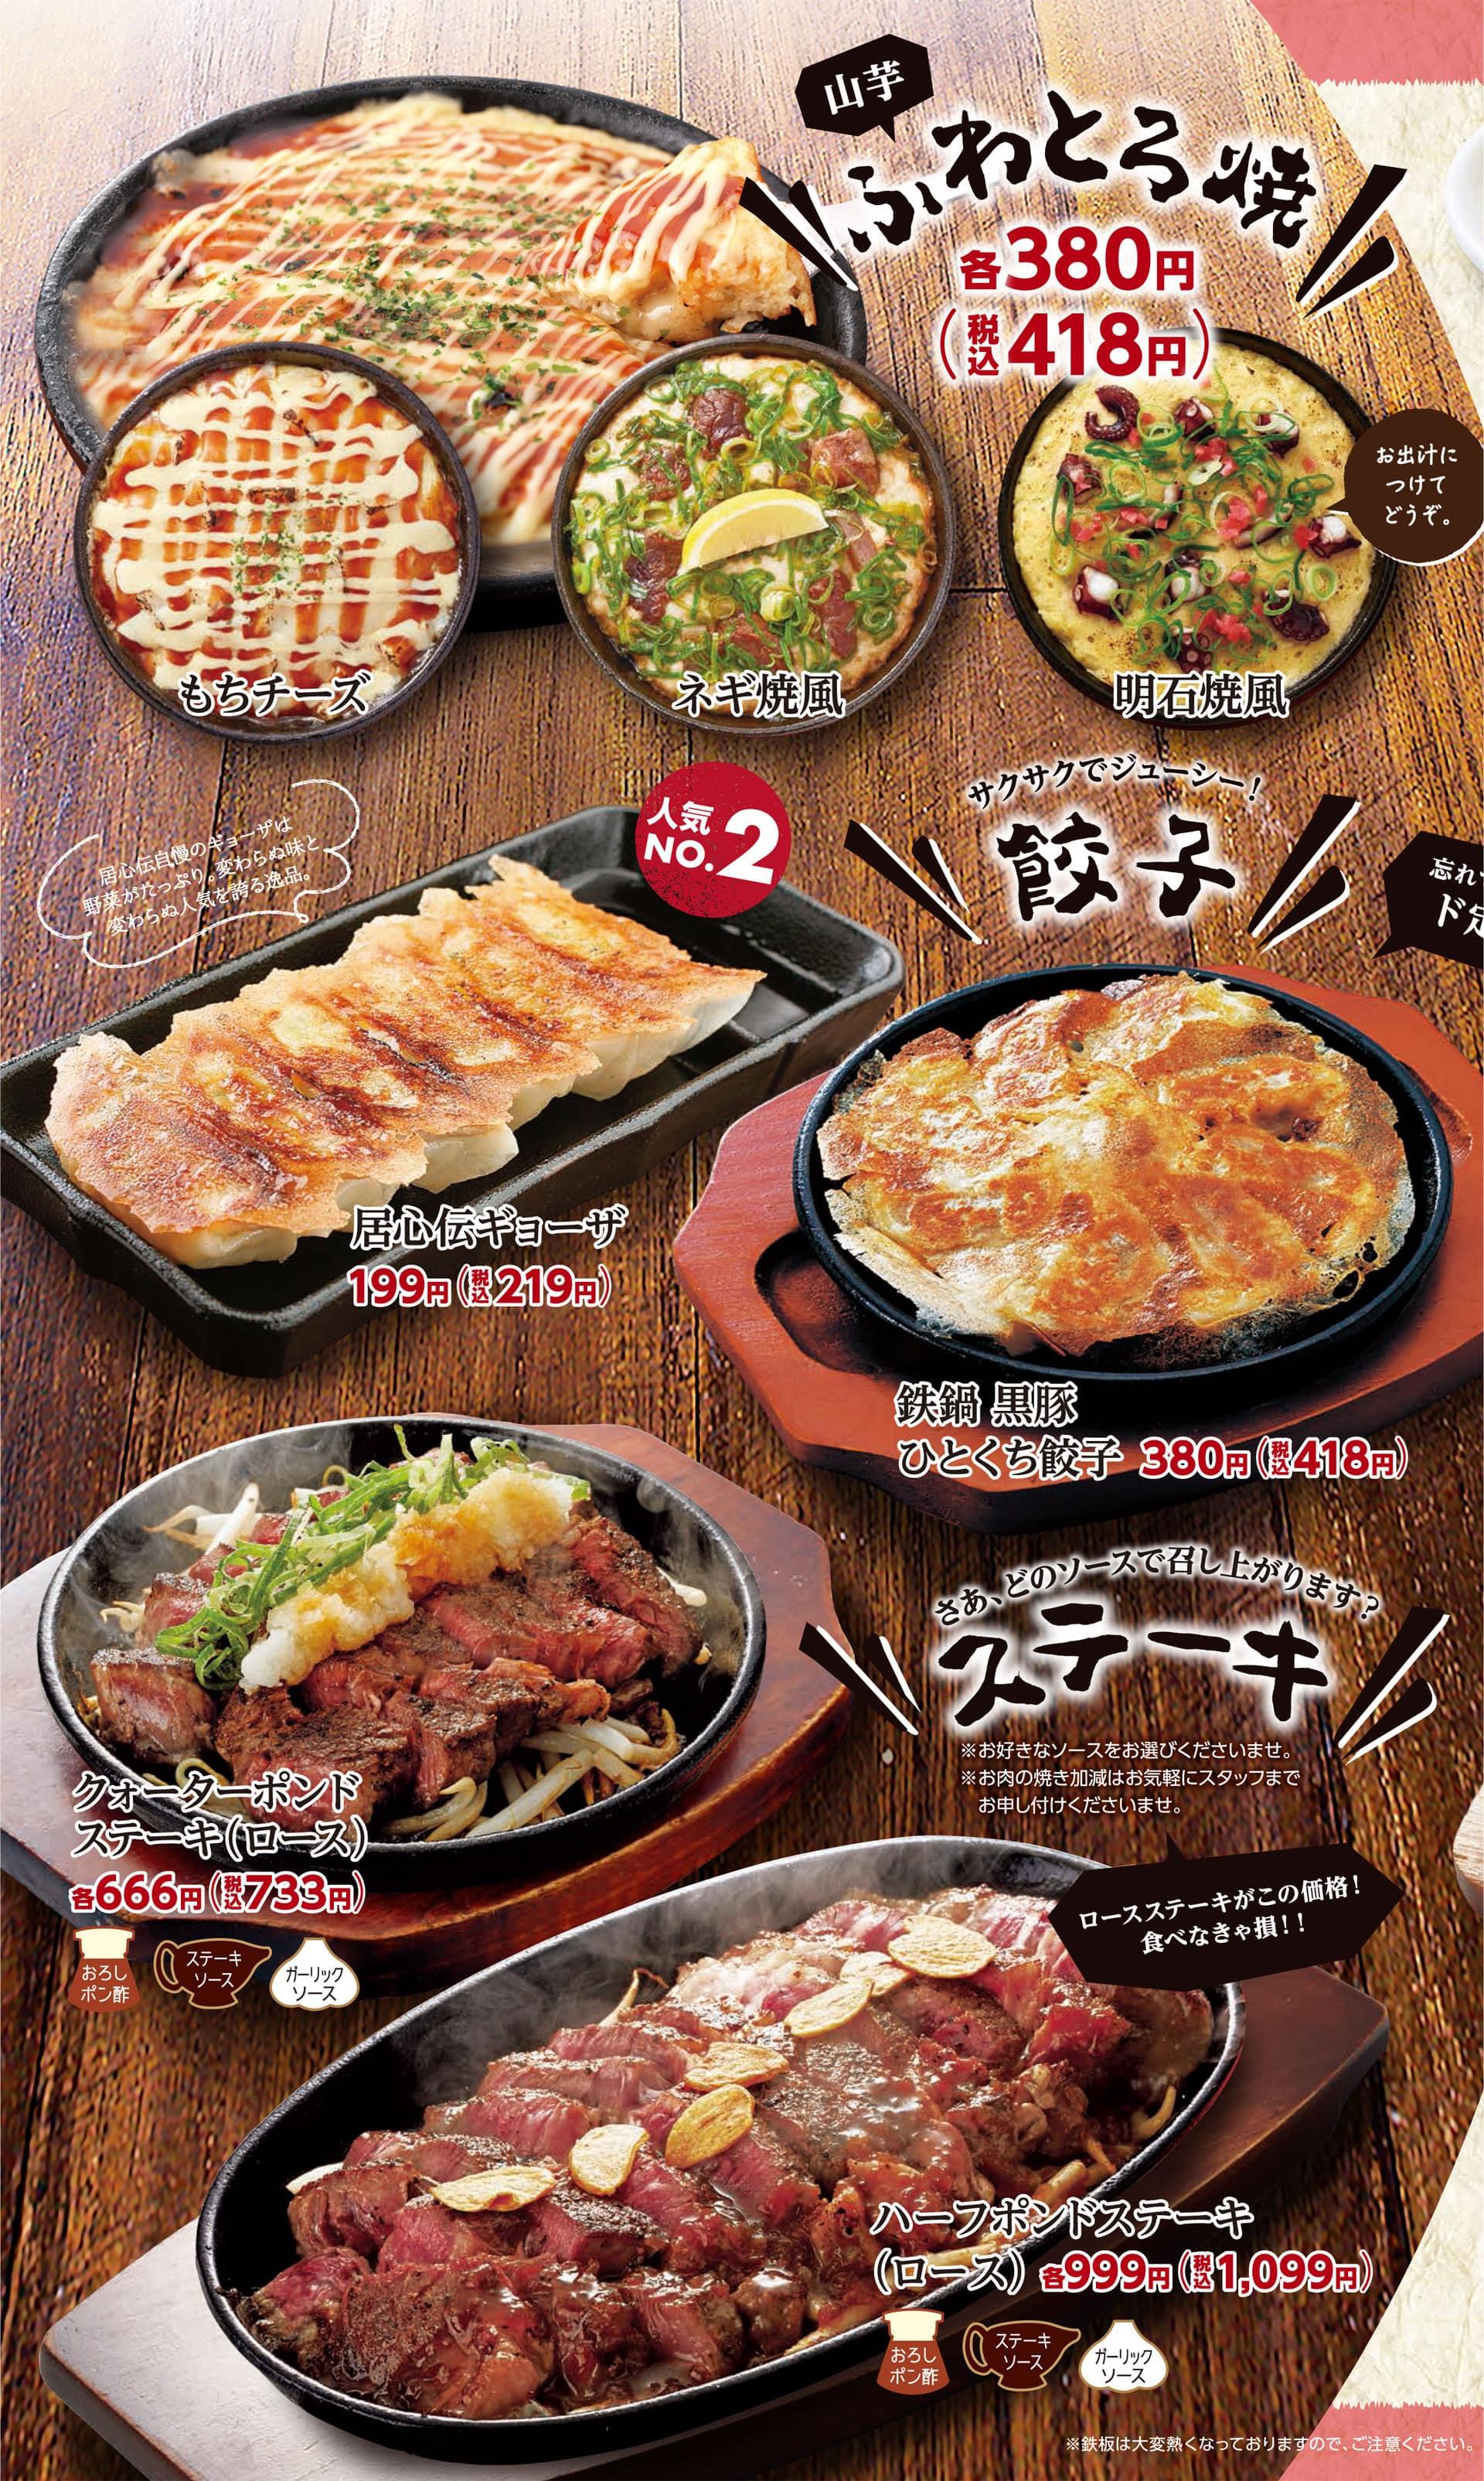 居心伝 ふわとろ焼・餃子・ステーキ